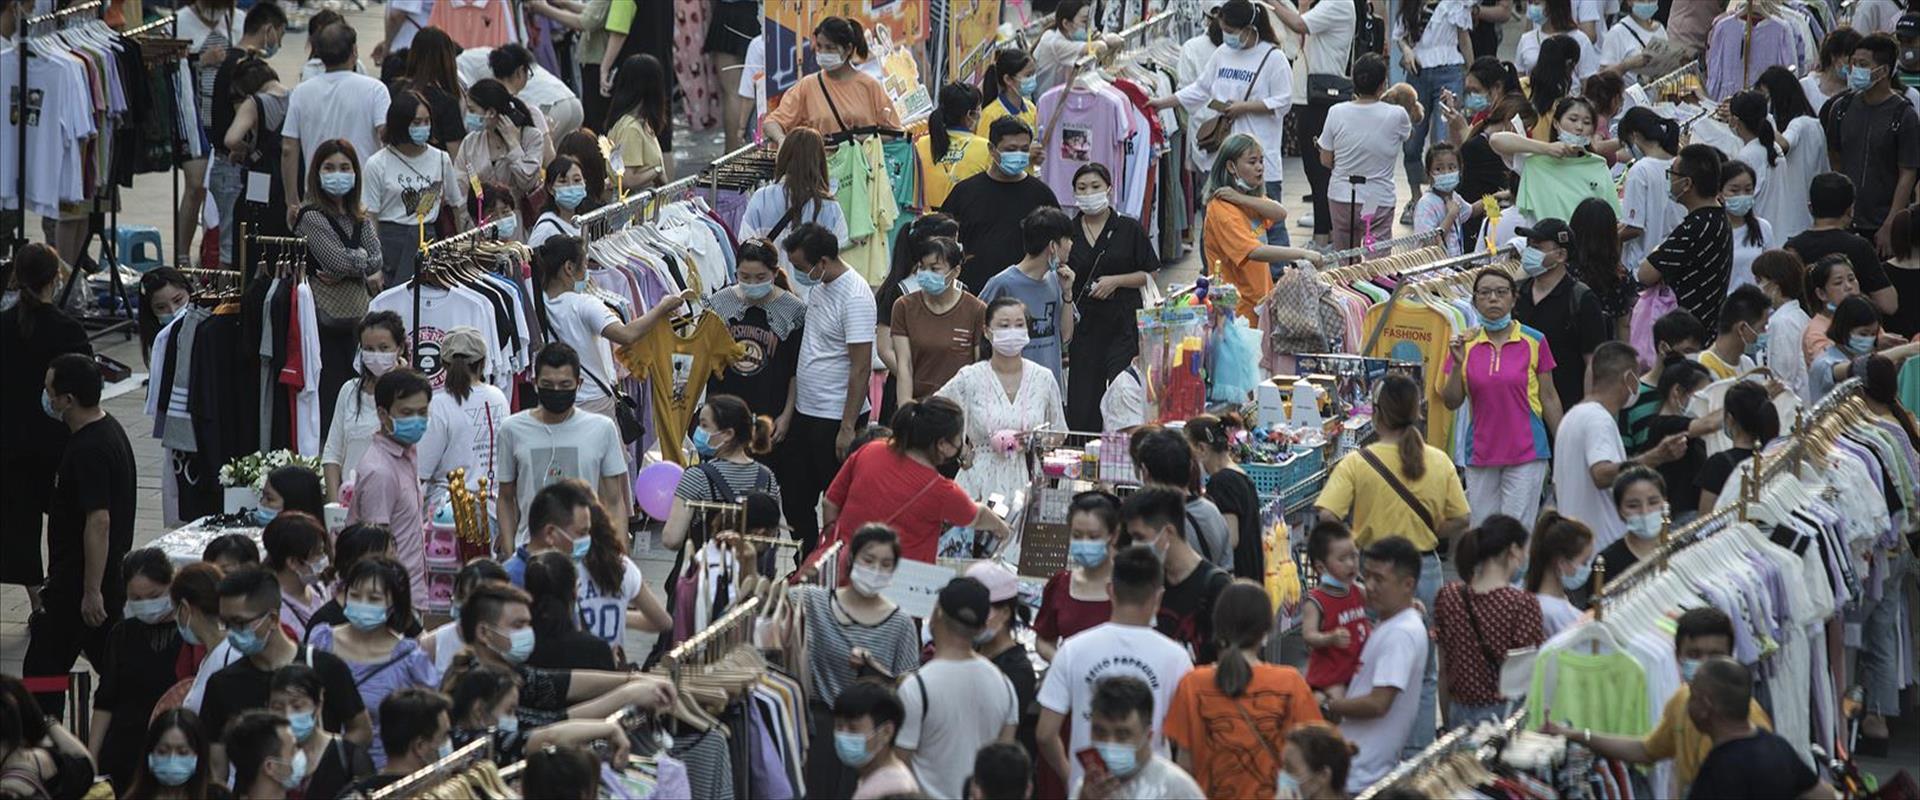 רחבת השוק בווהאן שבסין, בשבוע שעבר